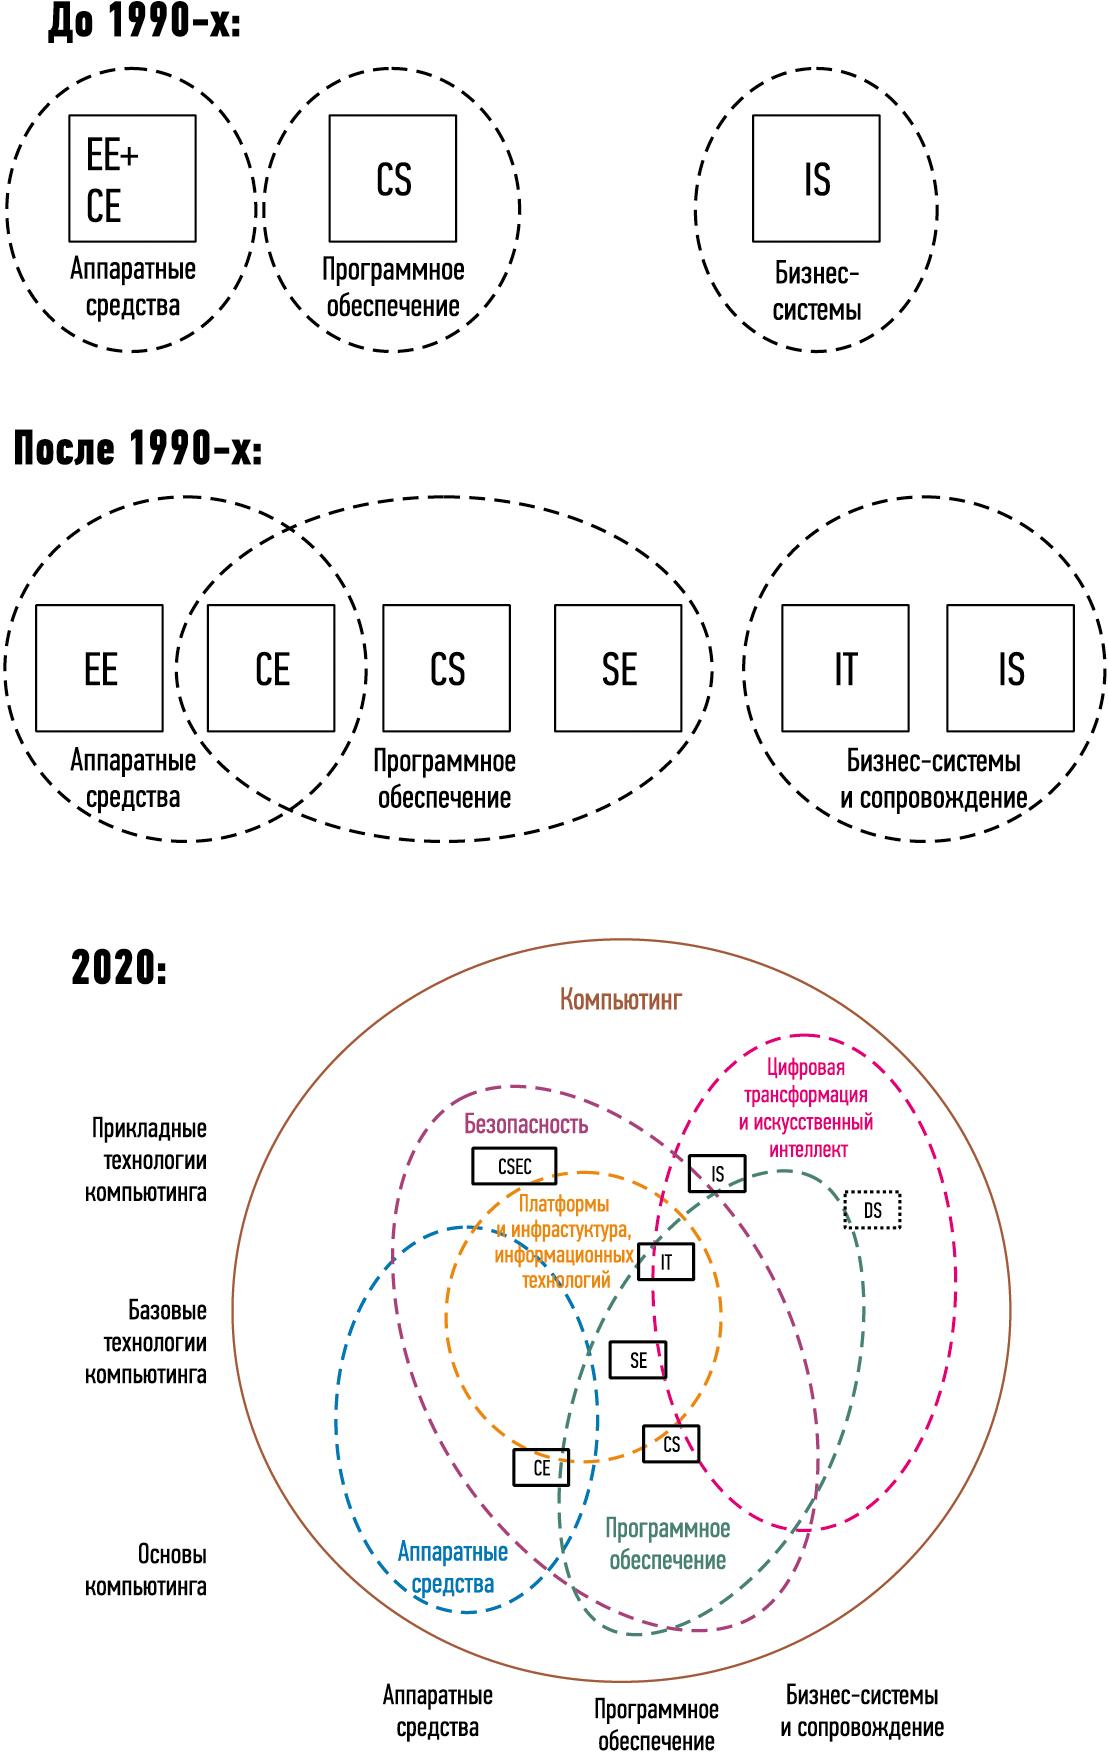 Эволюция областей деятельности внутри компьютинга (EE — электронная инженерия)